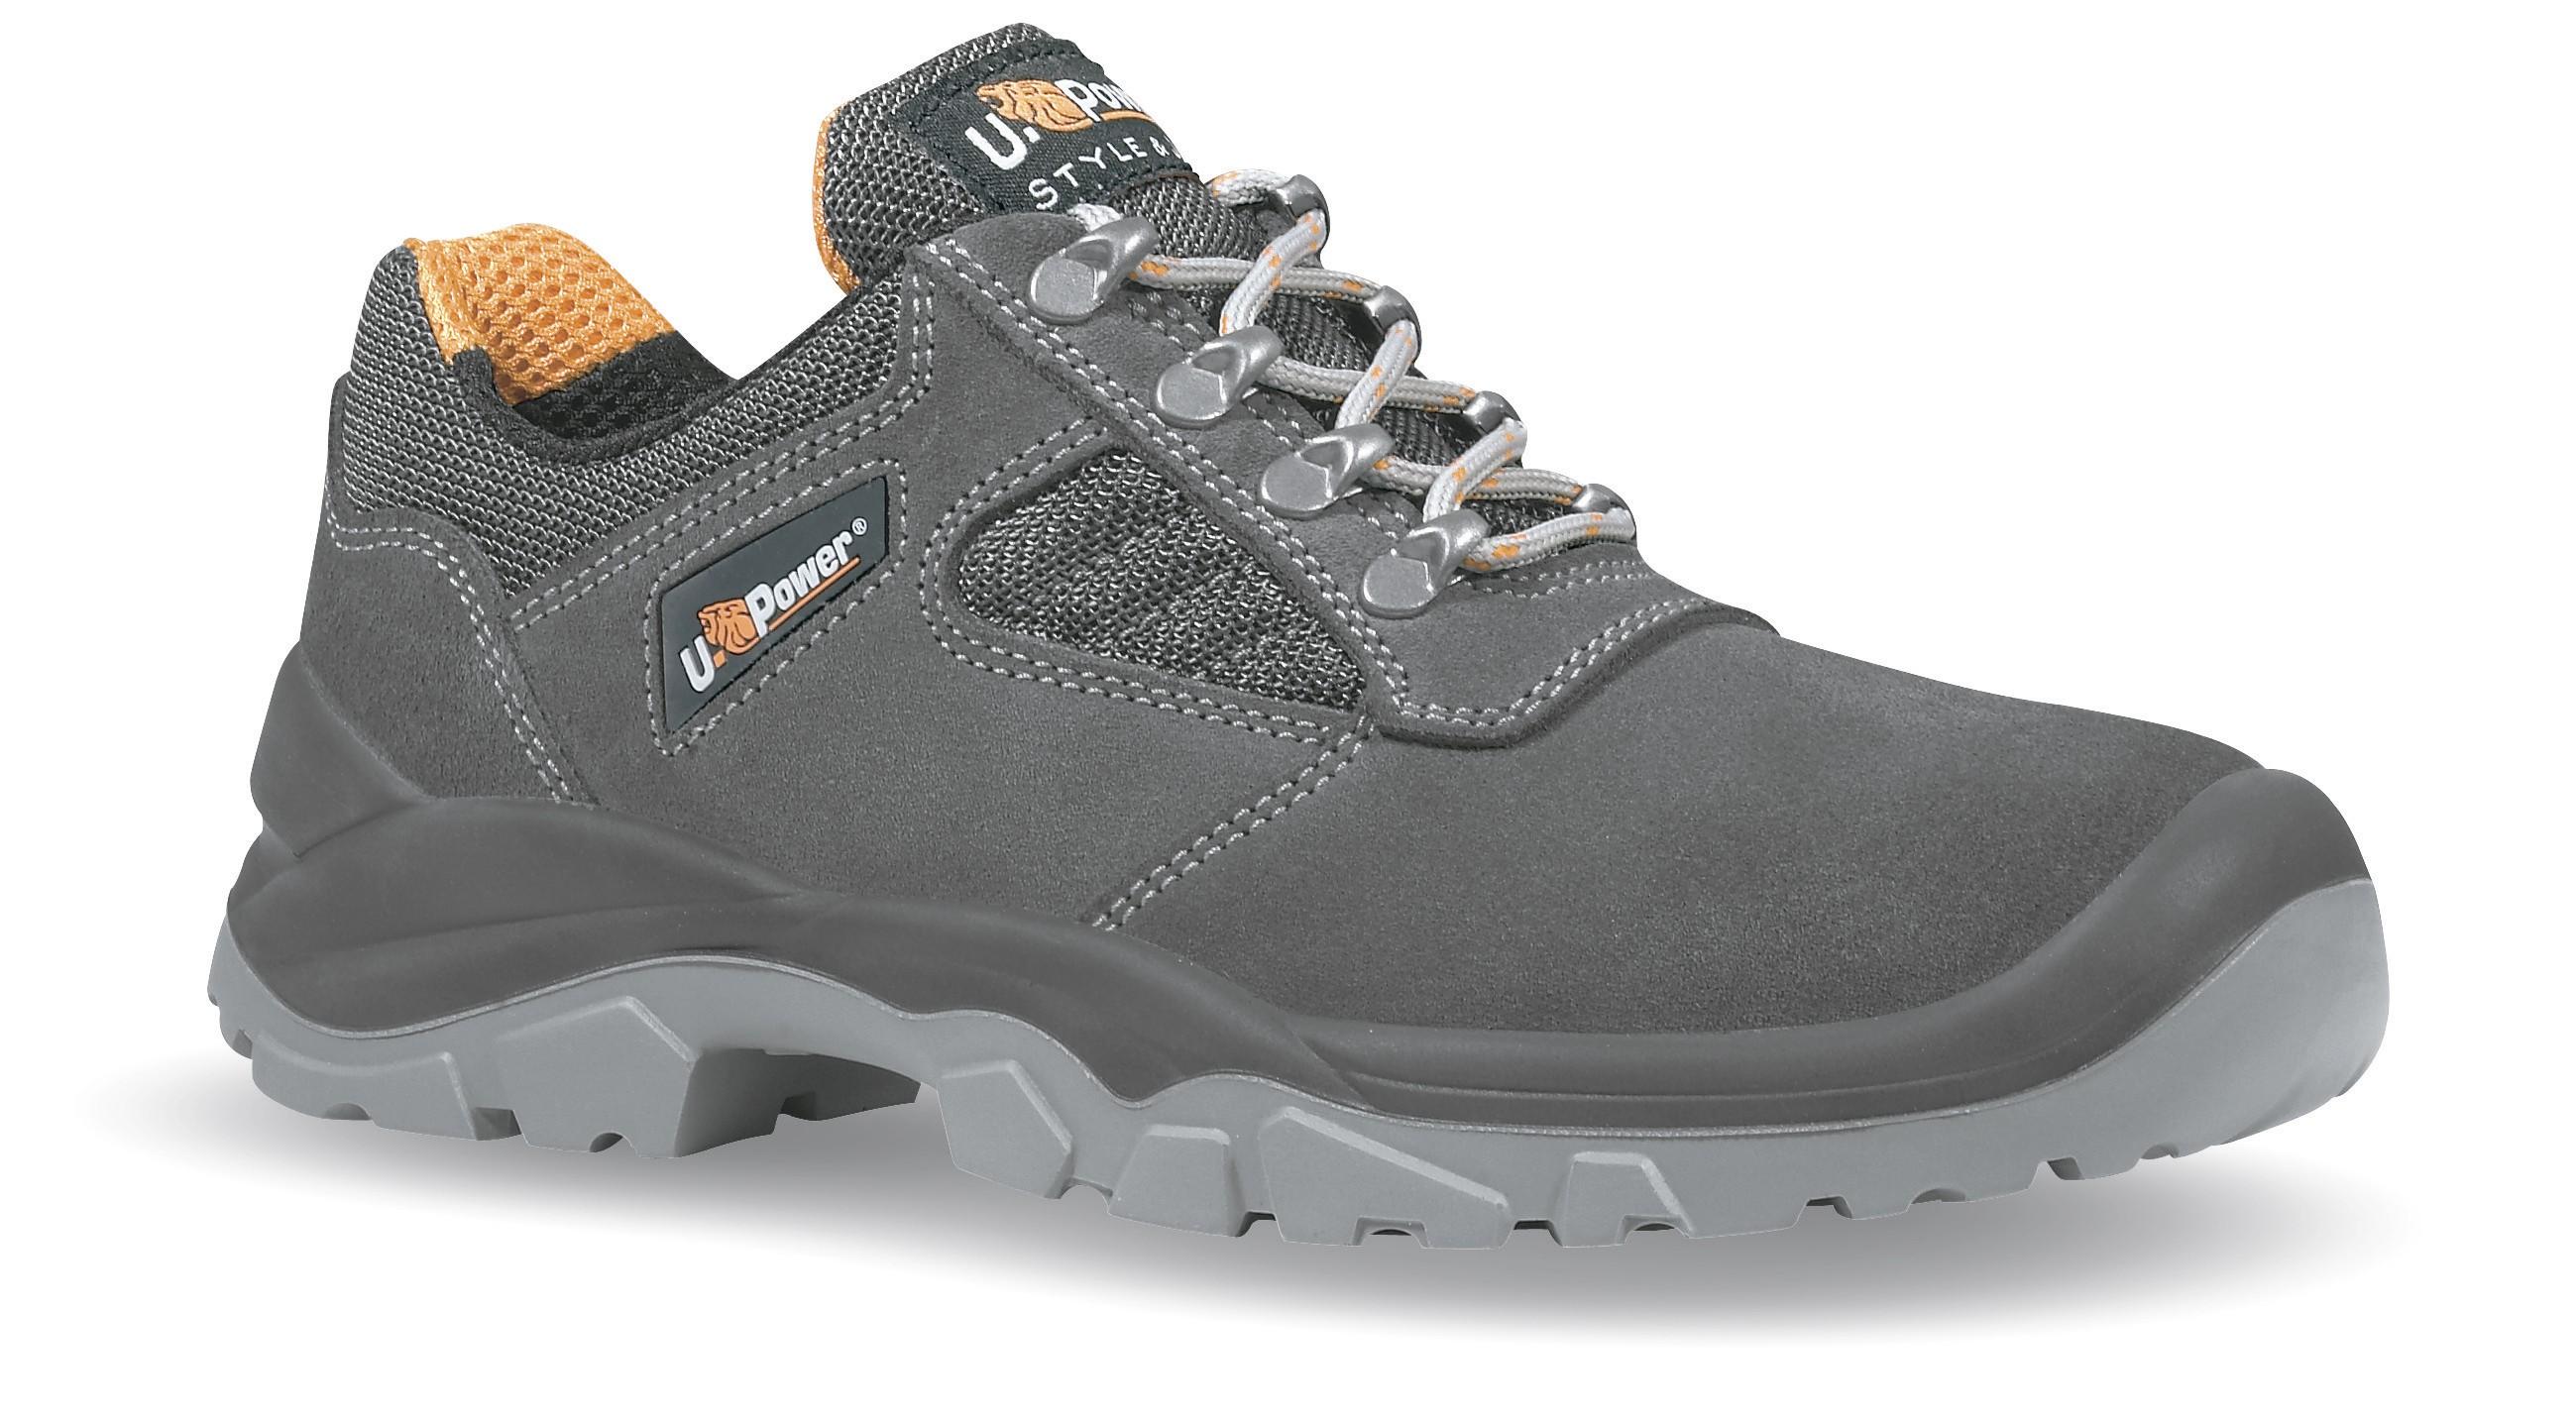 Basses Tudor Ref4ci0203 Sécurité De Chaussures S1p Src 35RjcLqA4